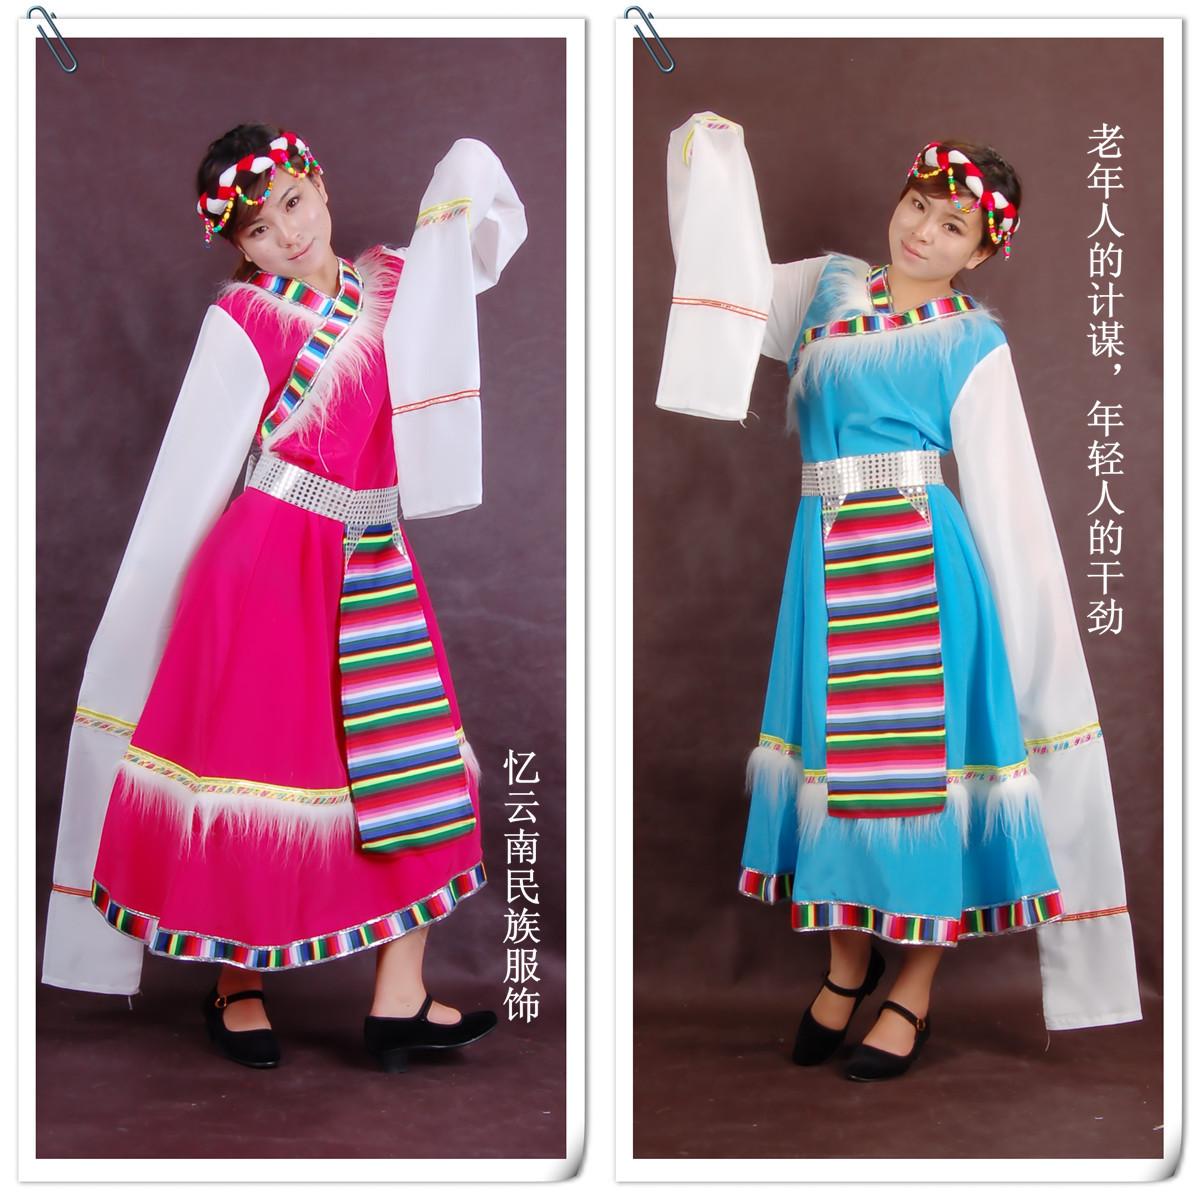 藏族服装水袖藏族舞蹈演出服装西藏康定情歌女装民族舞台表演服饰